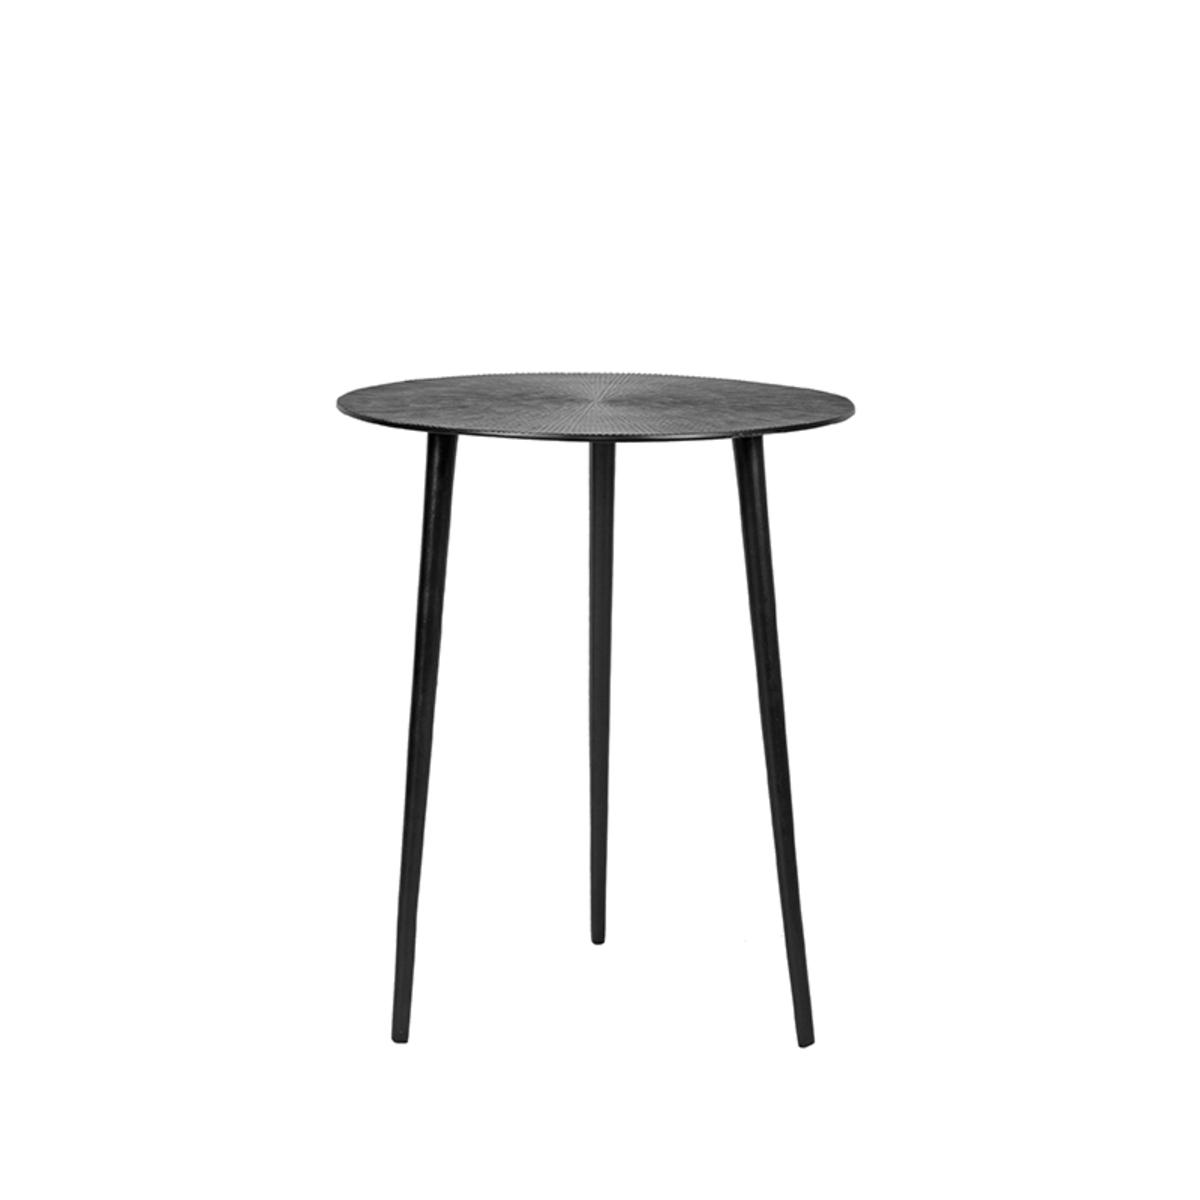 LABEL51 Bijzettafel Nobby - Zwart - Metaal - 40 cm